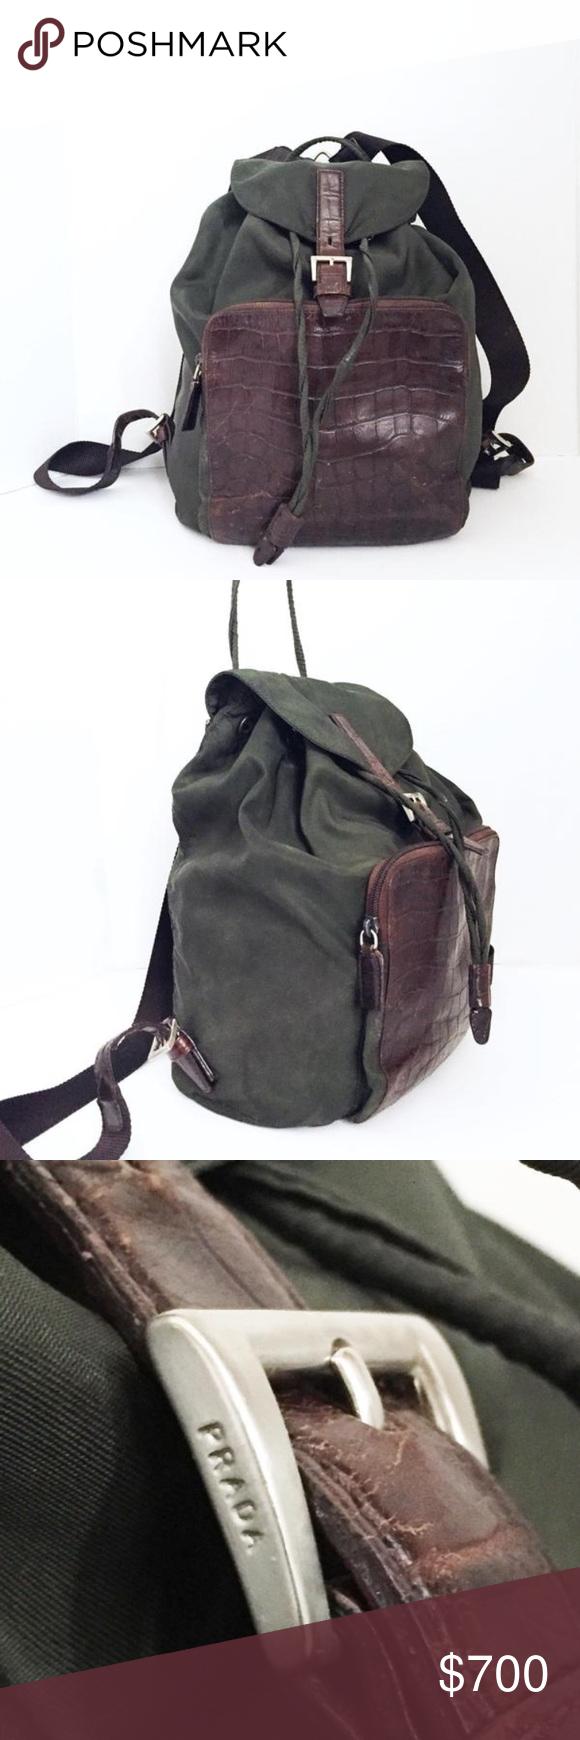 Vintage Prada Nylon Backpack- Fenix Toulouse Handball e13f1eba97